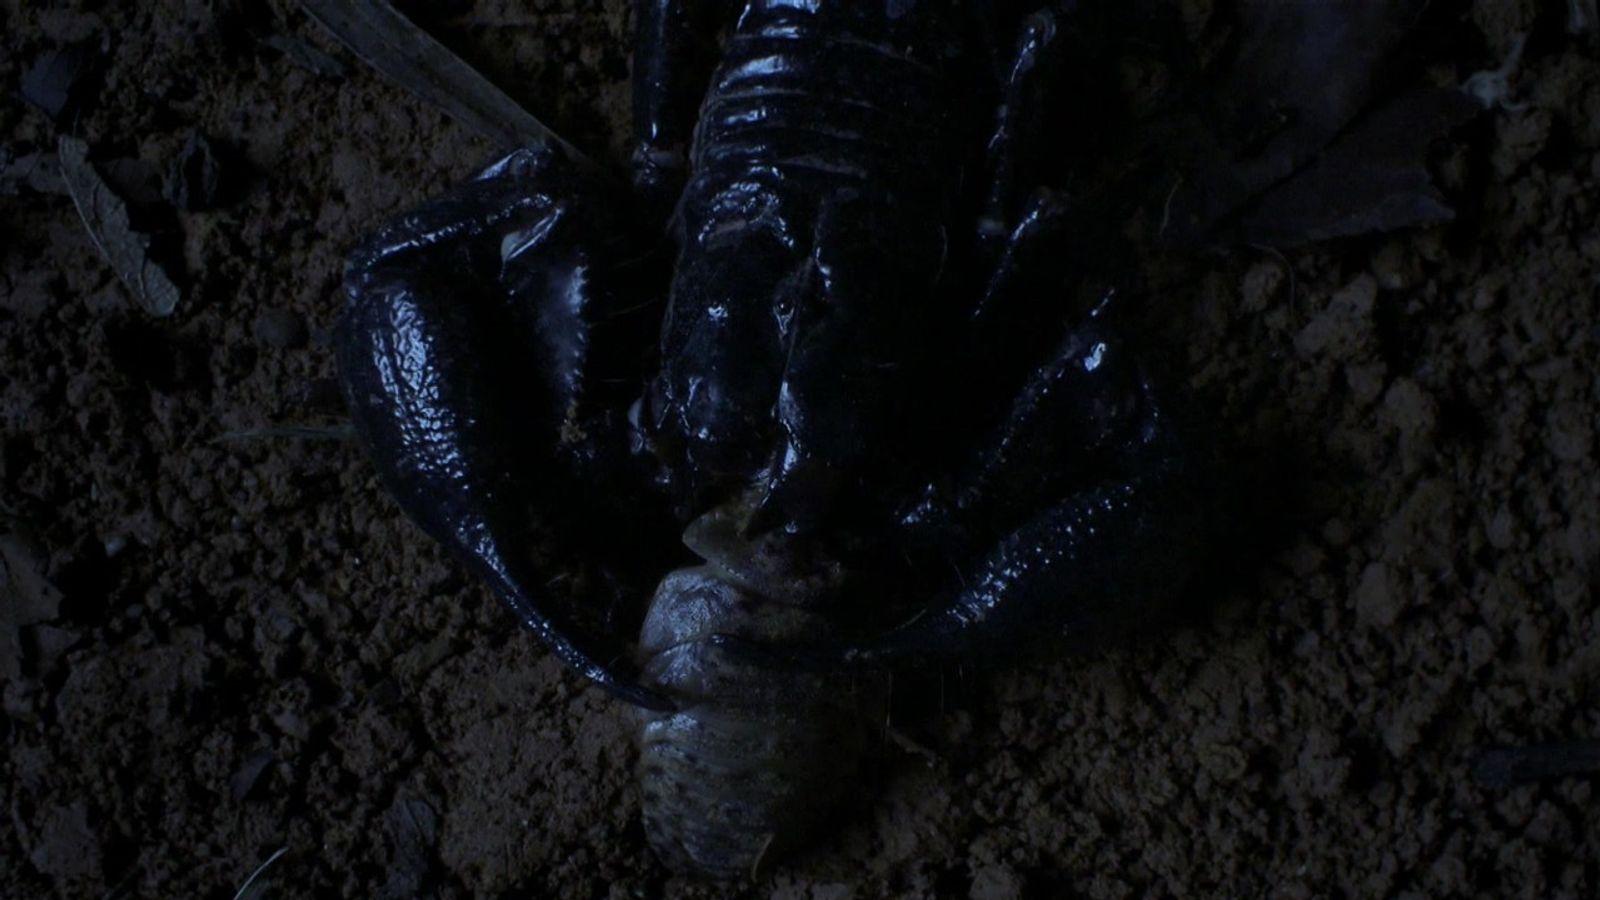 Escorpiões atacam baratas há centenas de milênios